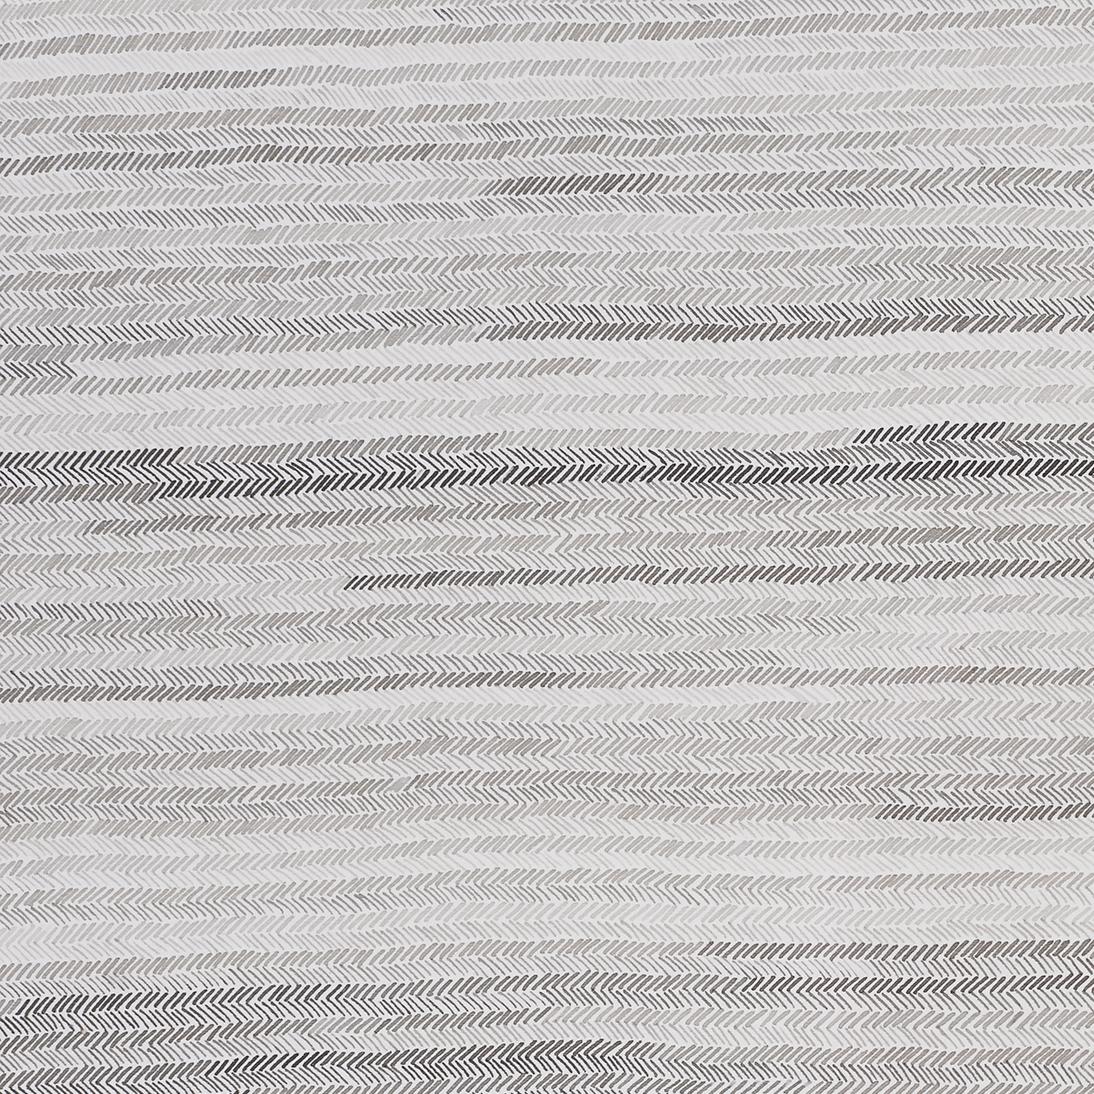 Weave_detail.jpg